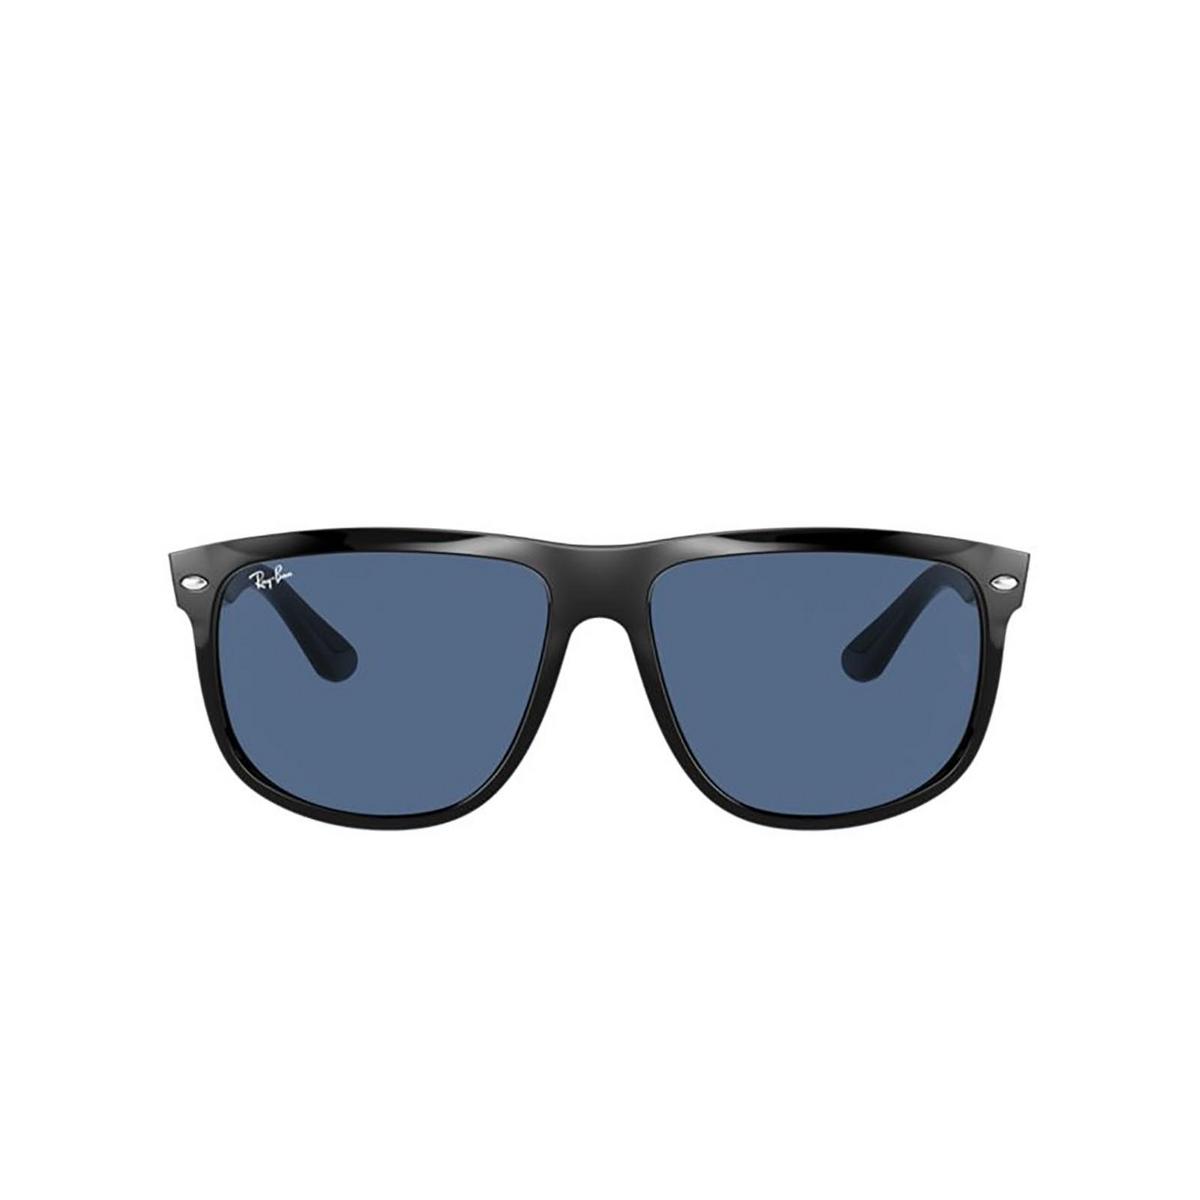 Ray-Ban® Square Sunglasses: Boyfriend RB4147 color Black 601/80 - 1/3.